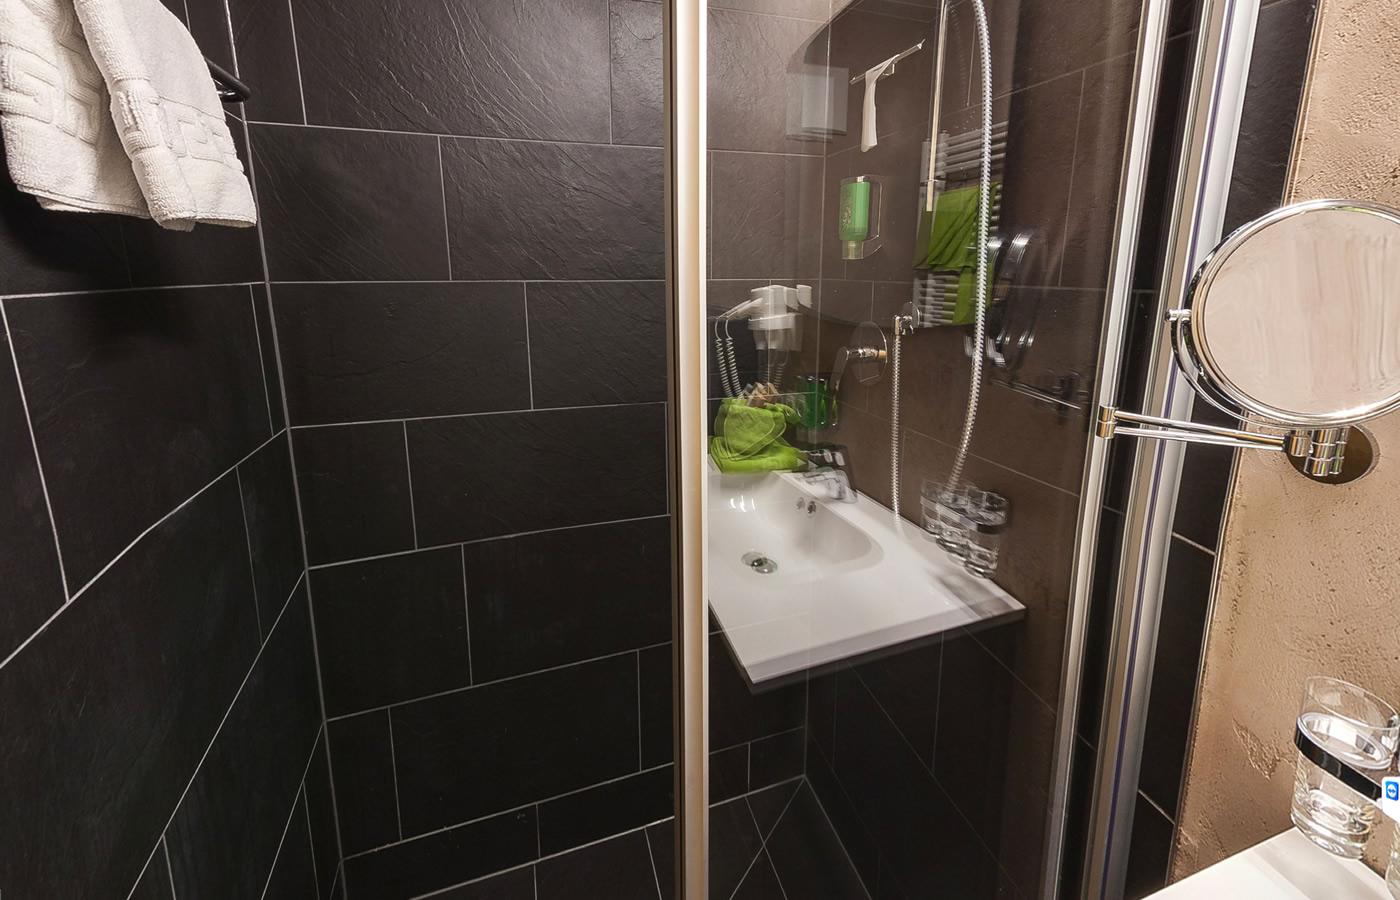 Dreibettzimmer Badezimmer im Hotel Natürlich in Tirol, Österreich.